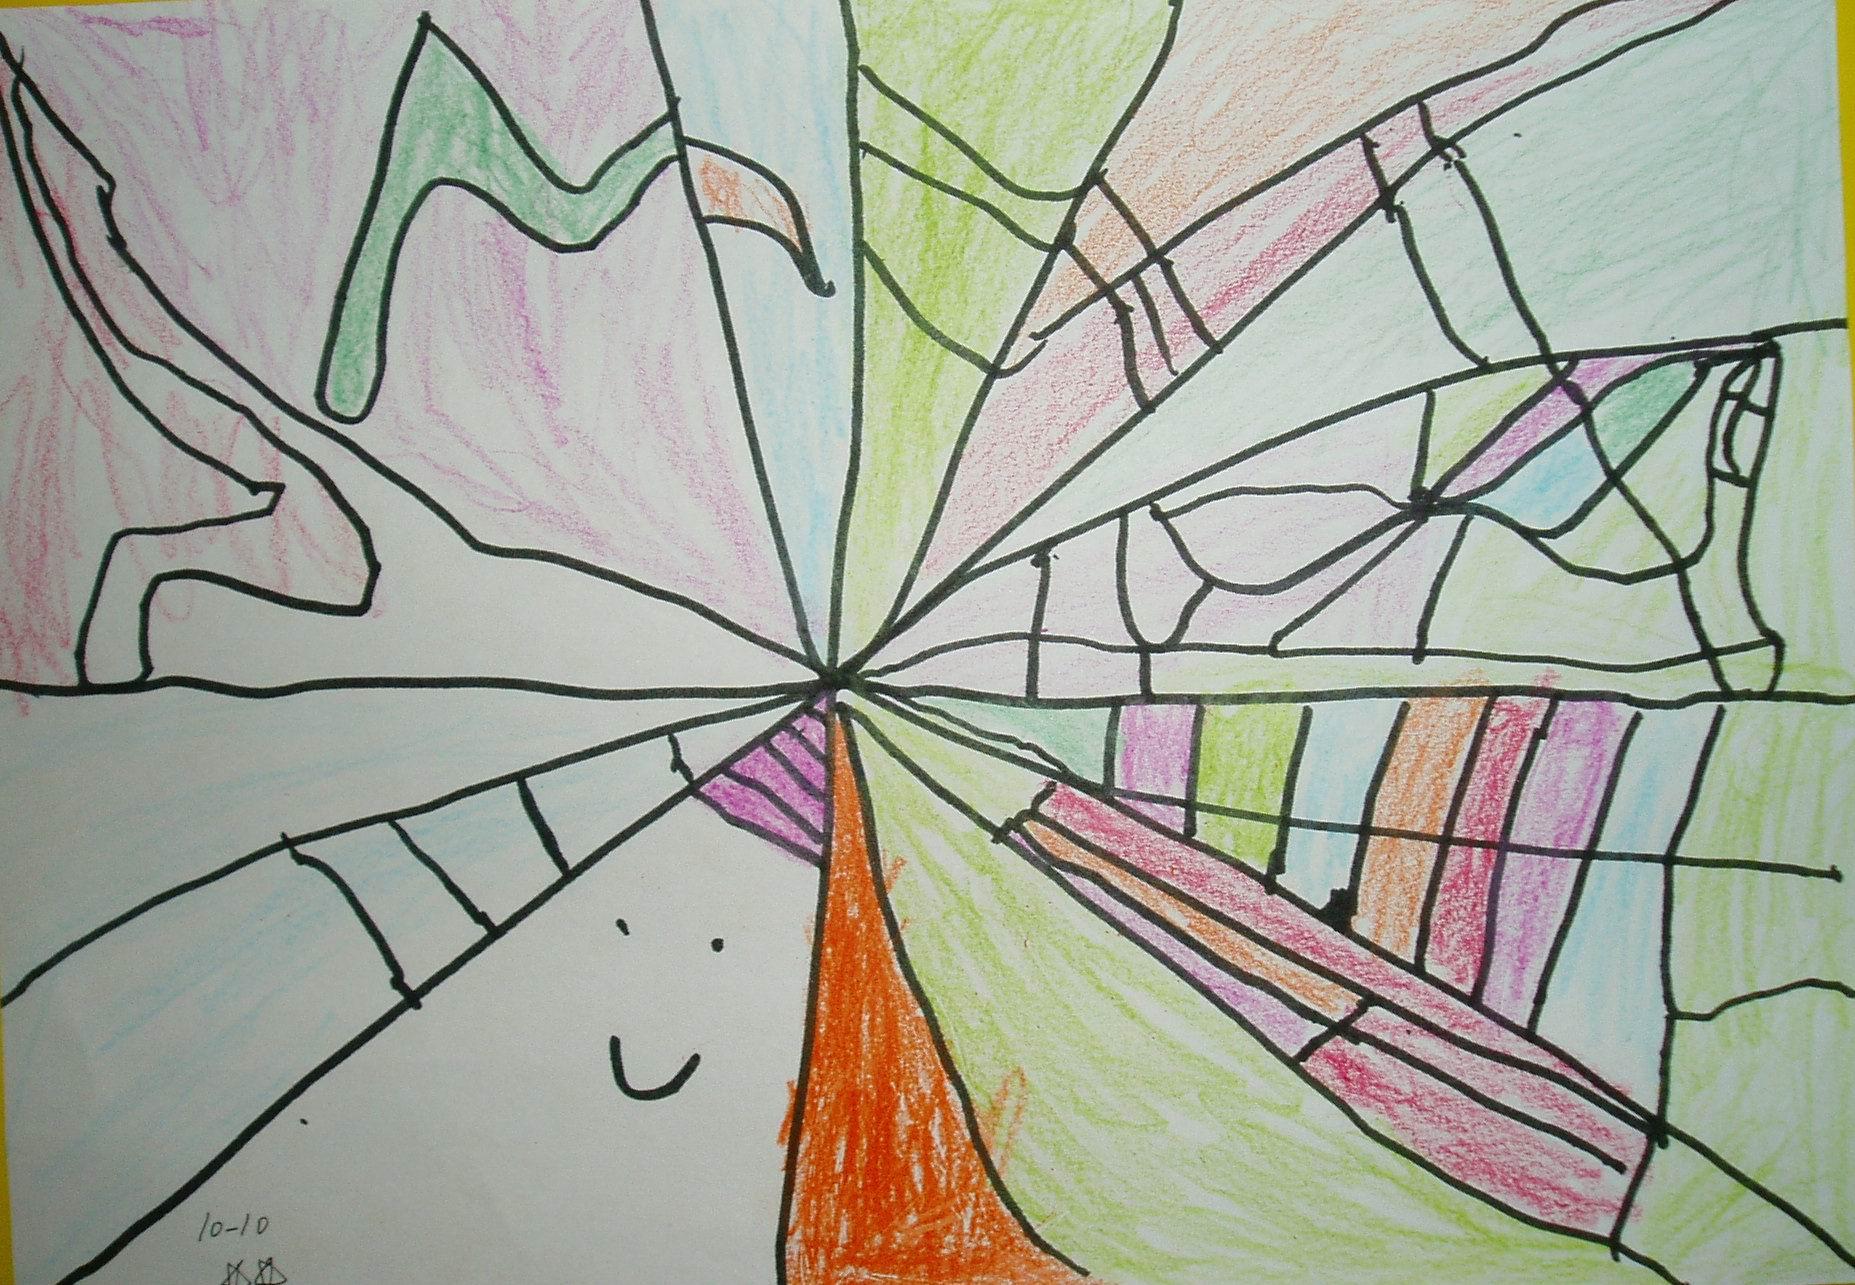 抽象画-我最近的作品 四岁十个月二十七天